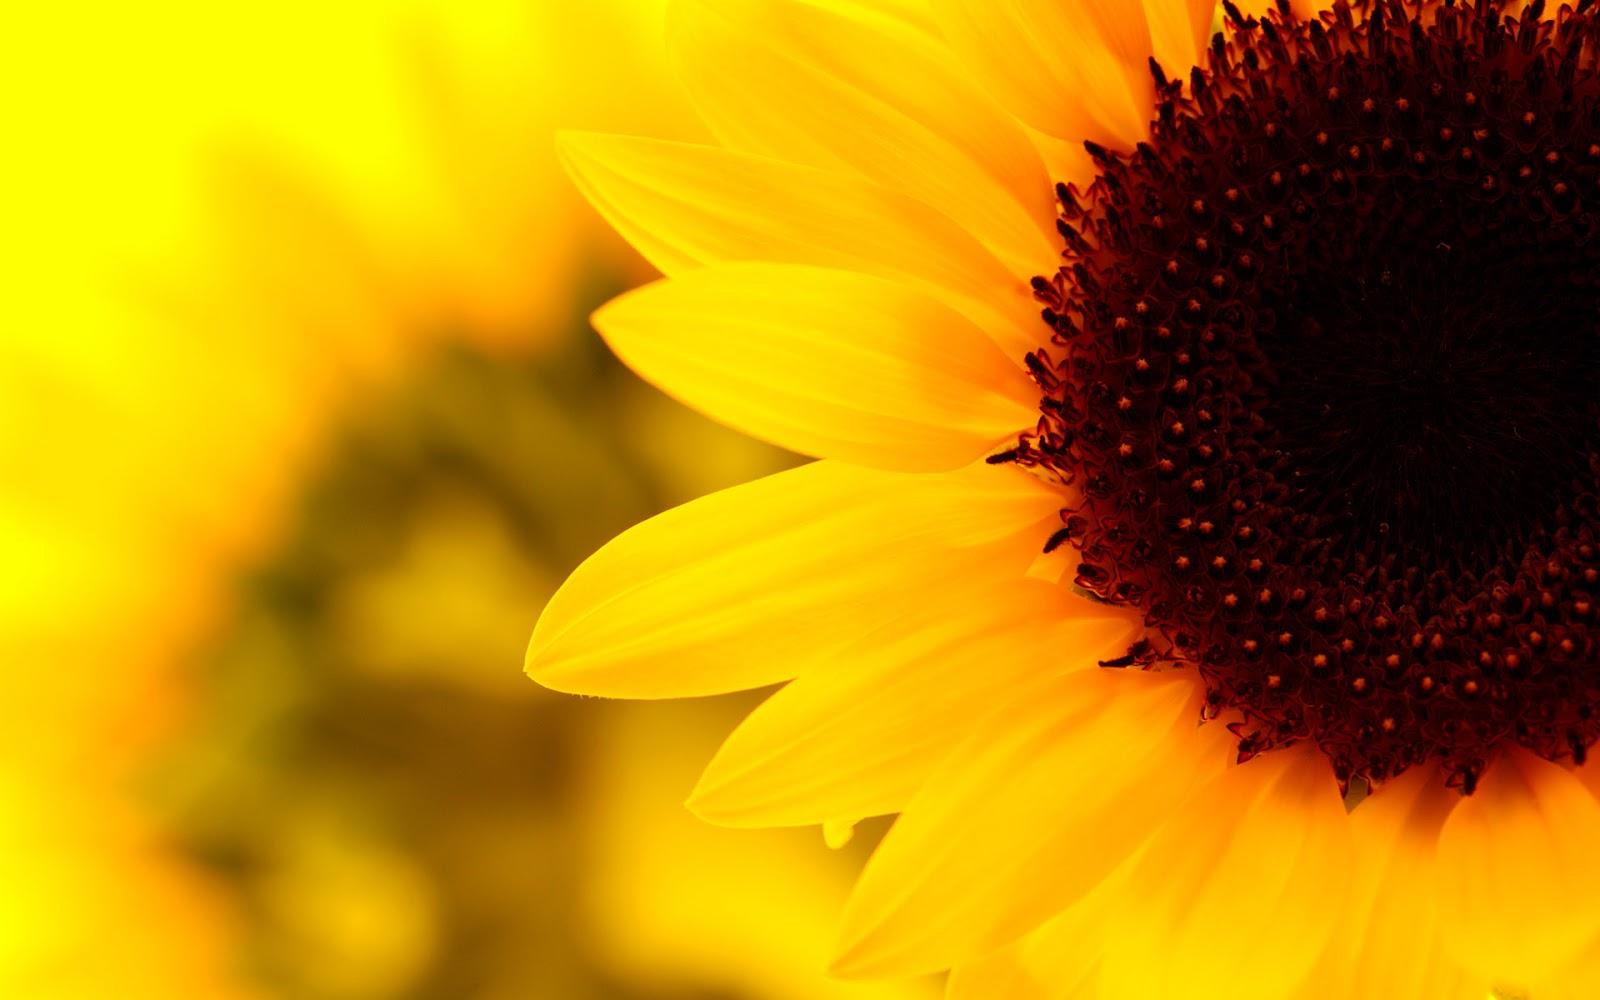 sunflower 8 wallpaper 1920x1080 -#main